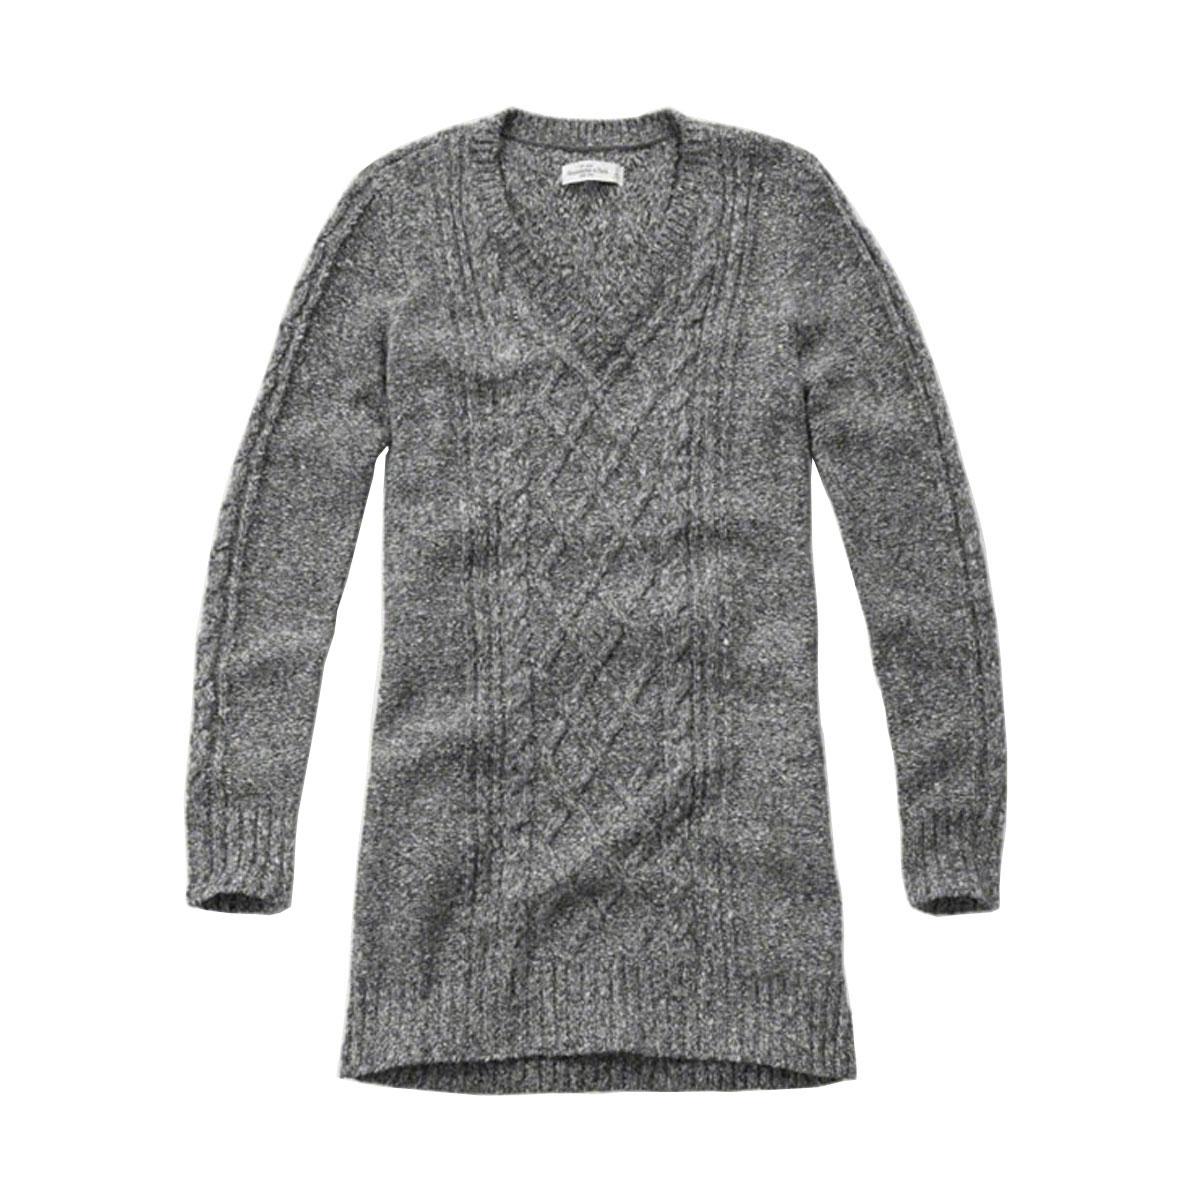 アバクロ Abercrombie&Fitch 正規品 レディース Vネックセーター CABLE SWEATER DRESS 159-591-1177-132